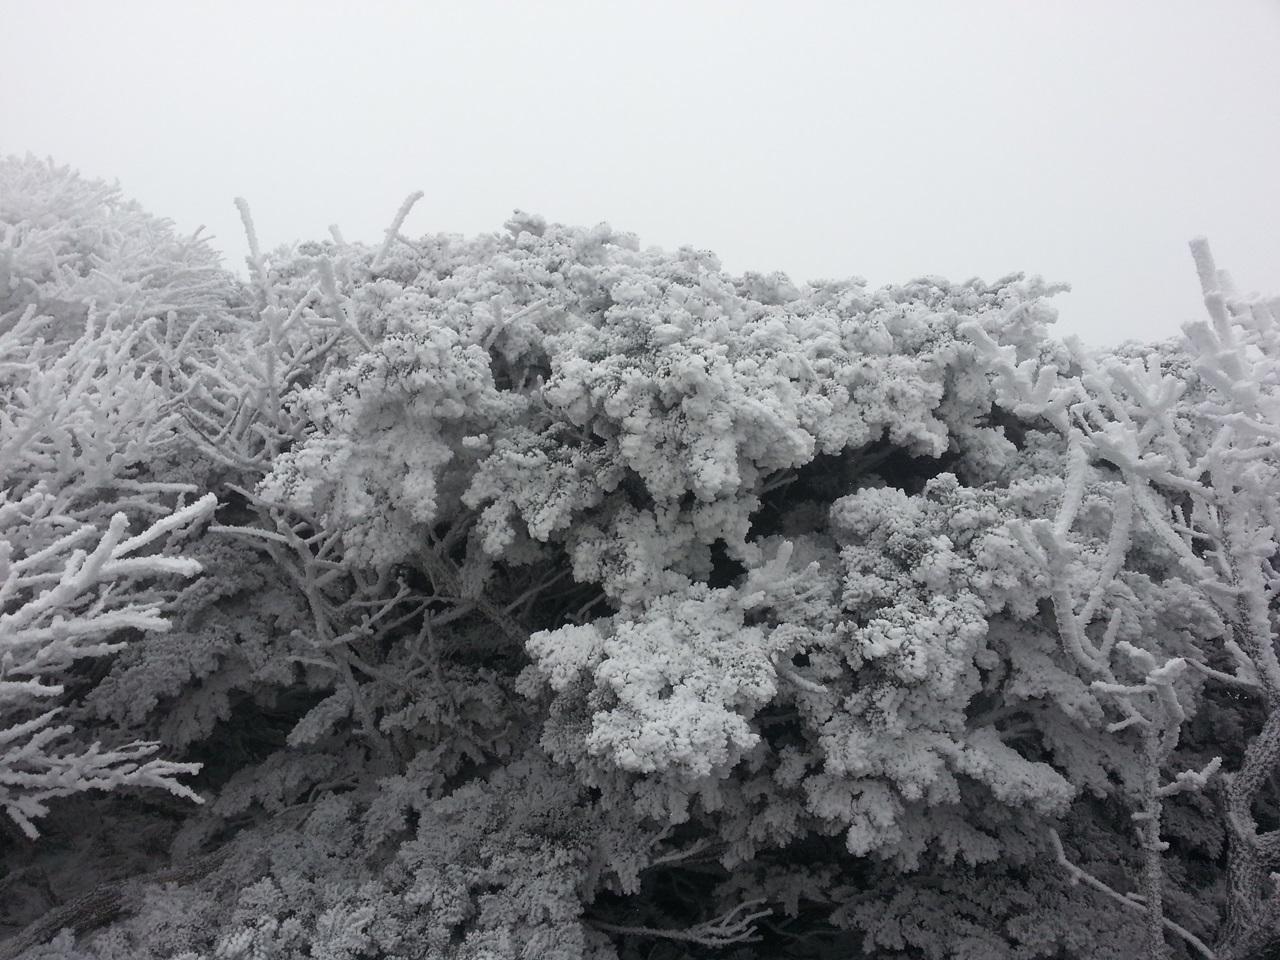 한라산 눈꽃2 영실계곡의 눈꽃은 장관중의 장관이다.2016년 11월23일